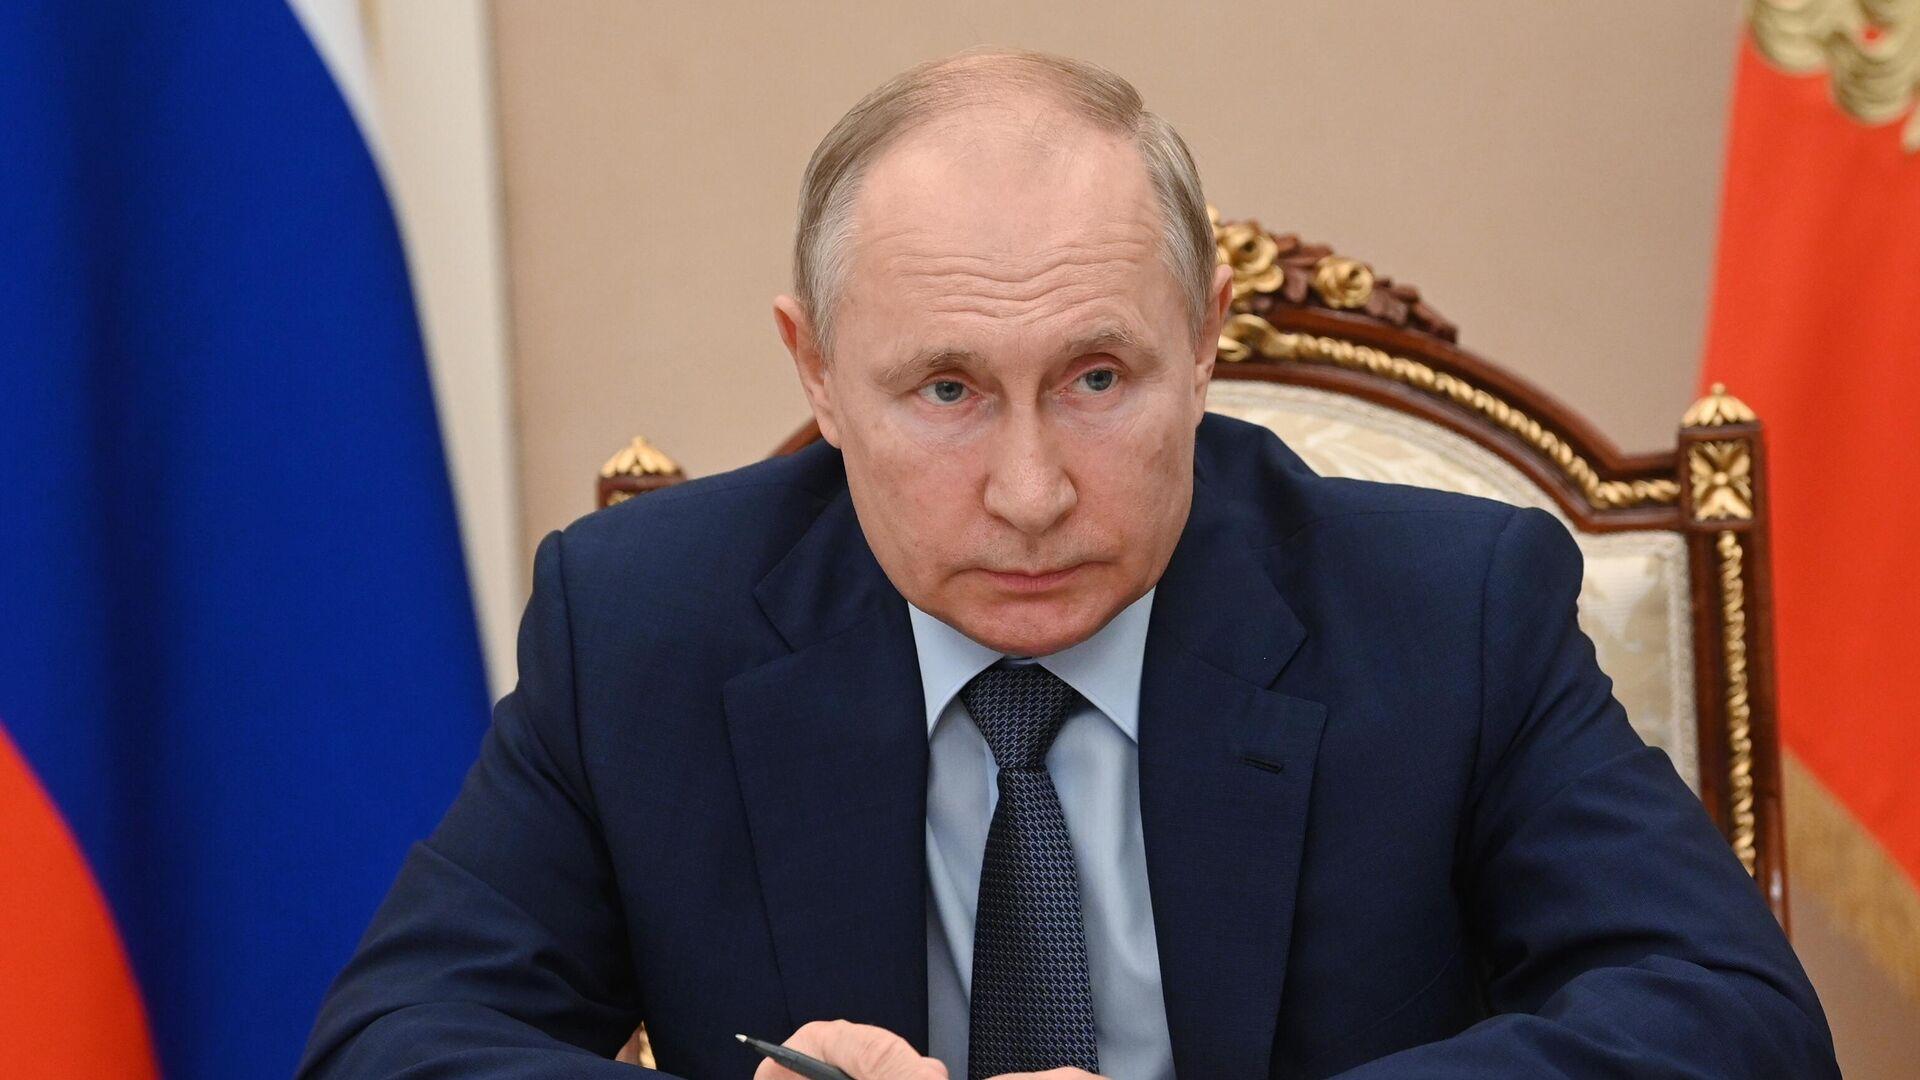 Президент РФ Владимир Путин в режиме видеоконференции проводит заседание Совета по стратегическому развитию и национальным проектам - РИА Новости, 1920, 19.07.2021